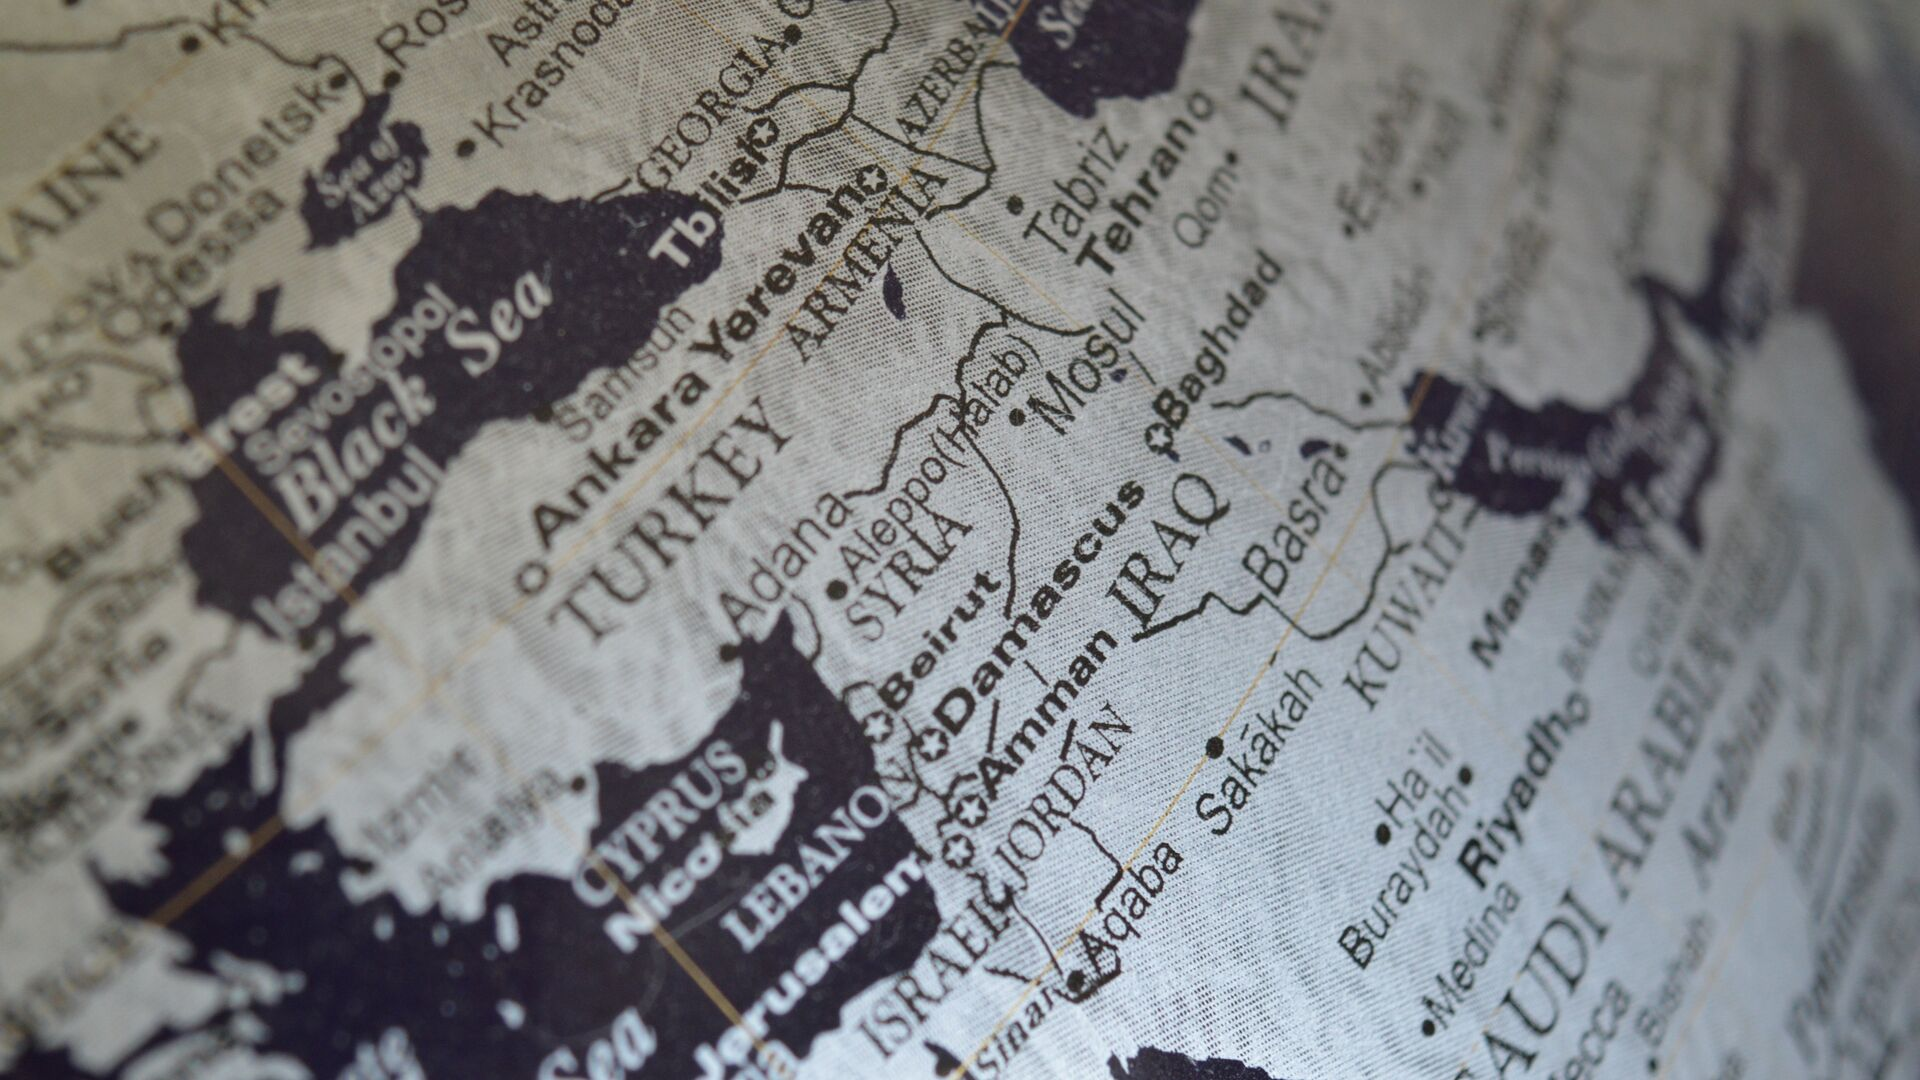 La mappa del Medio Oriente - Sputnik Italia, 1920, 28.02.2021